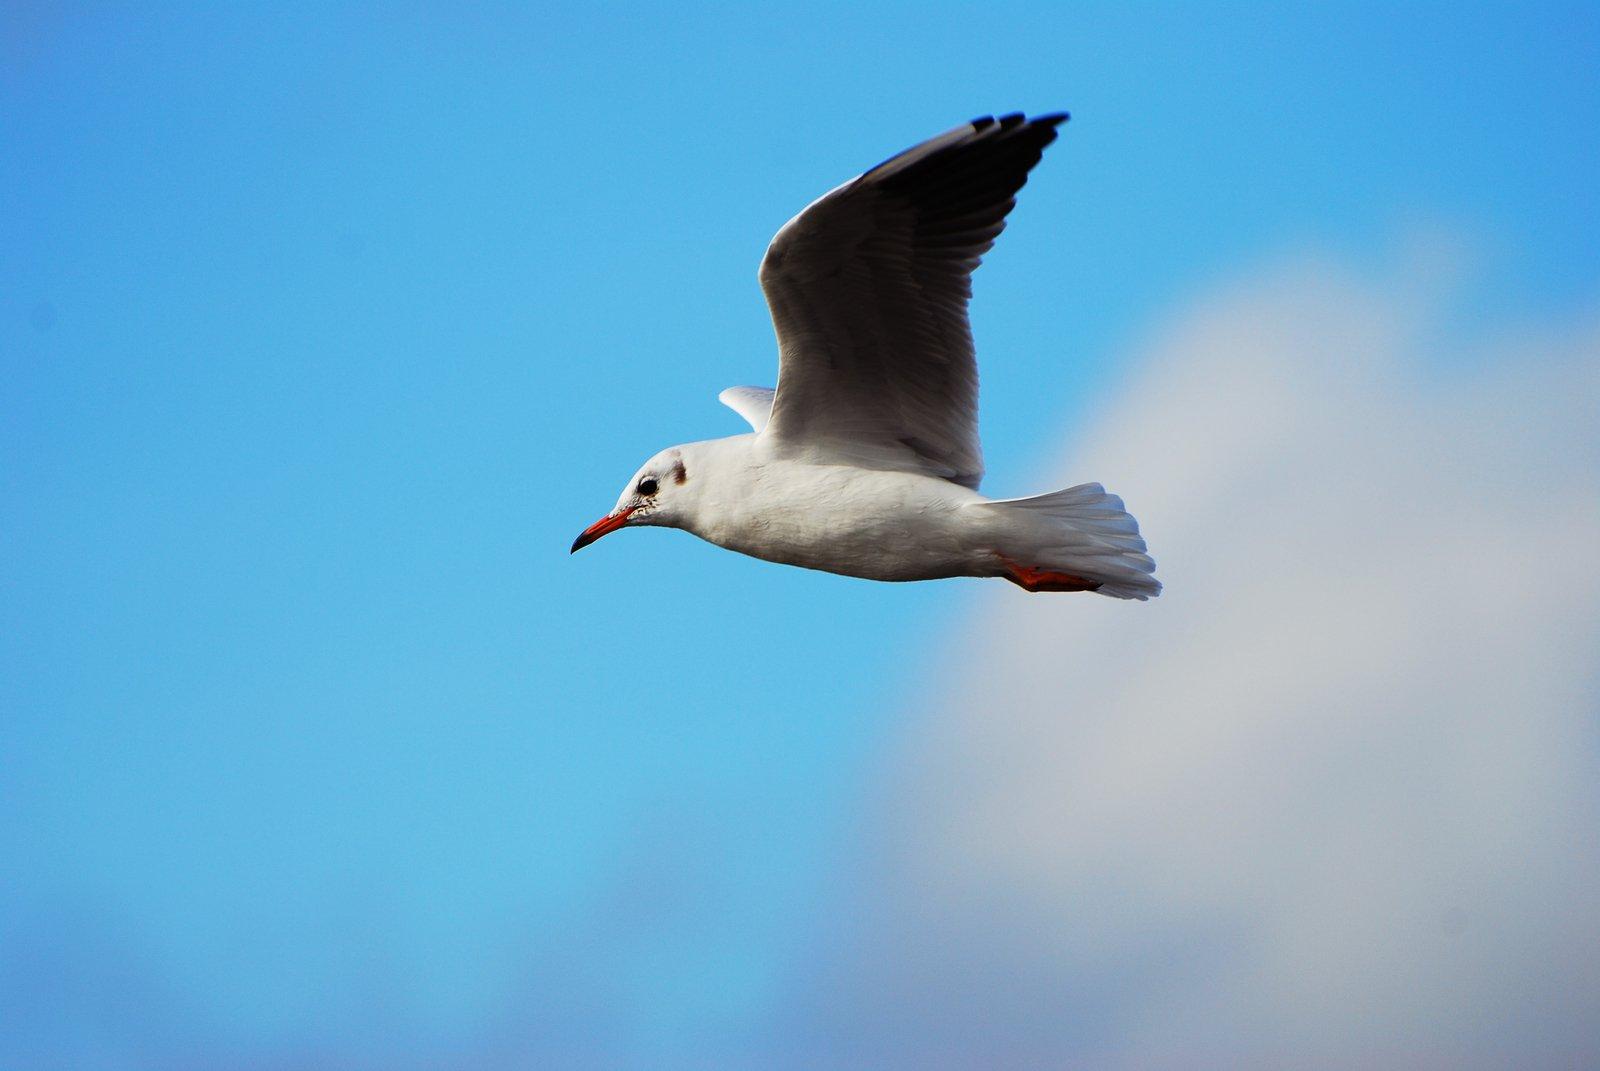 Stock Photo Uma gaivota voando grátis - FreeImages.com